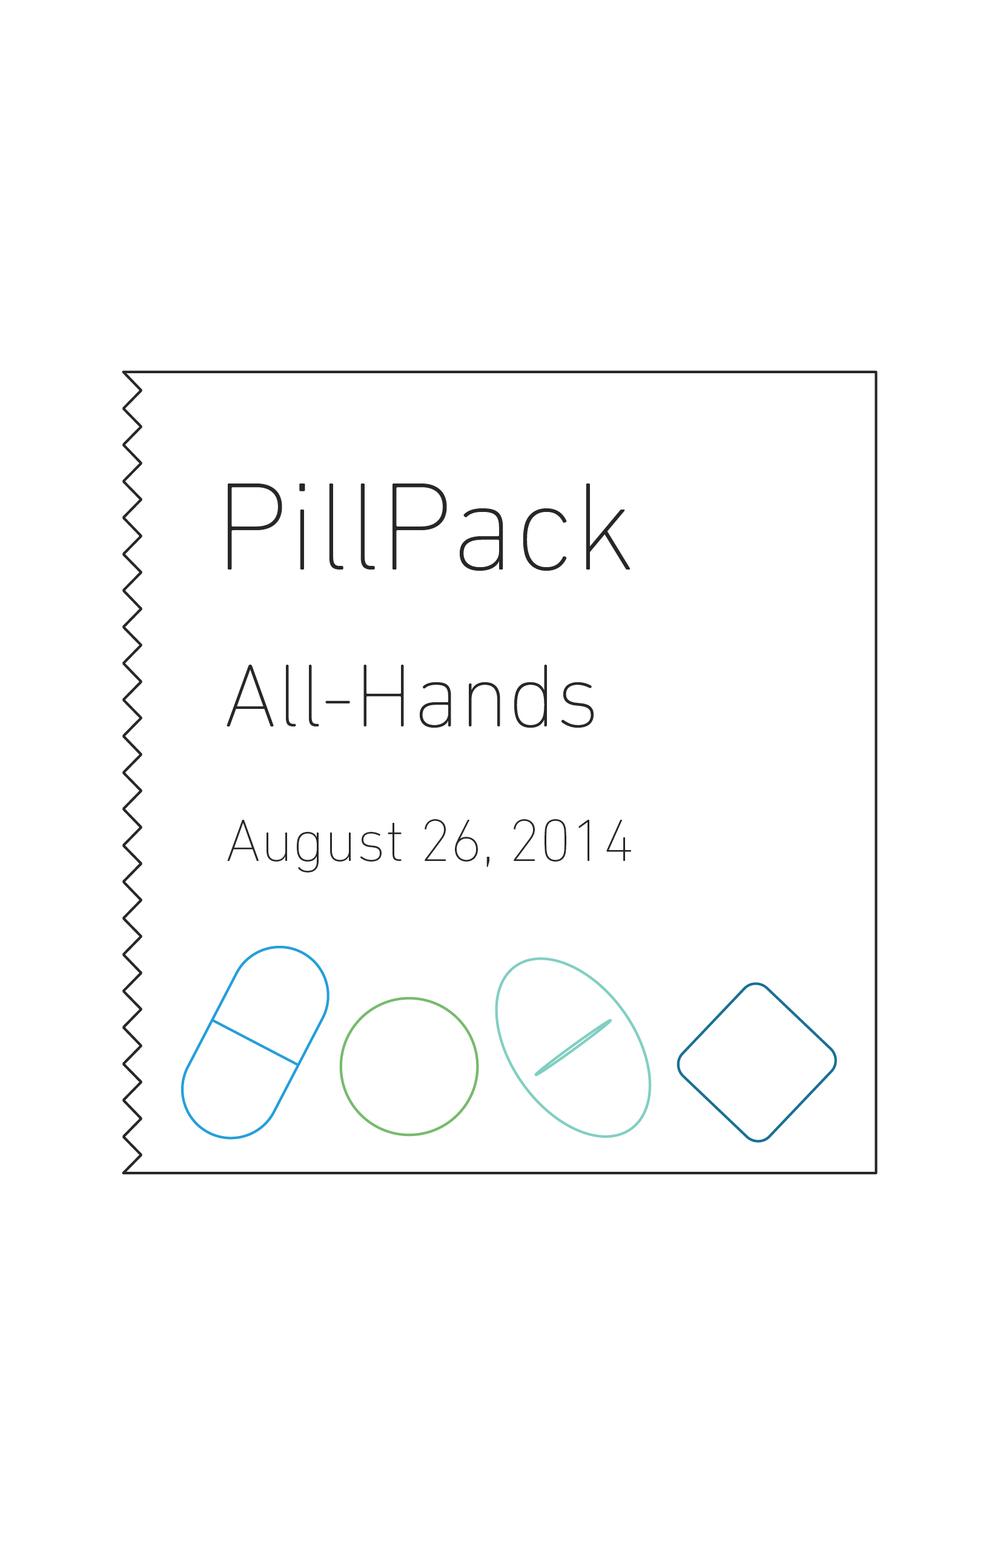 All_Hands_Q4_2014_1.jpg